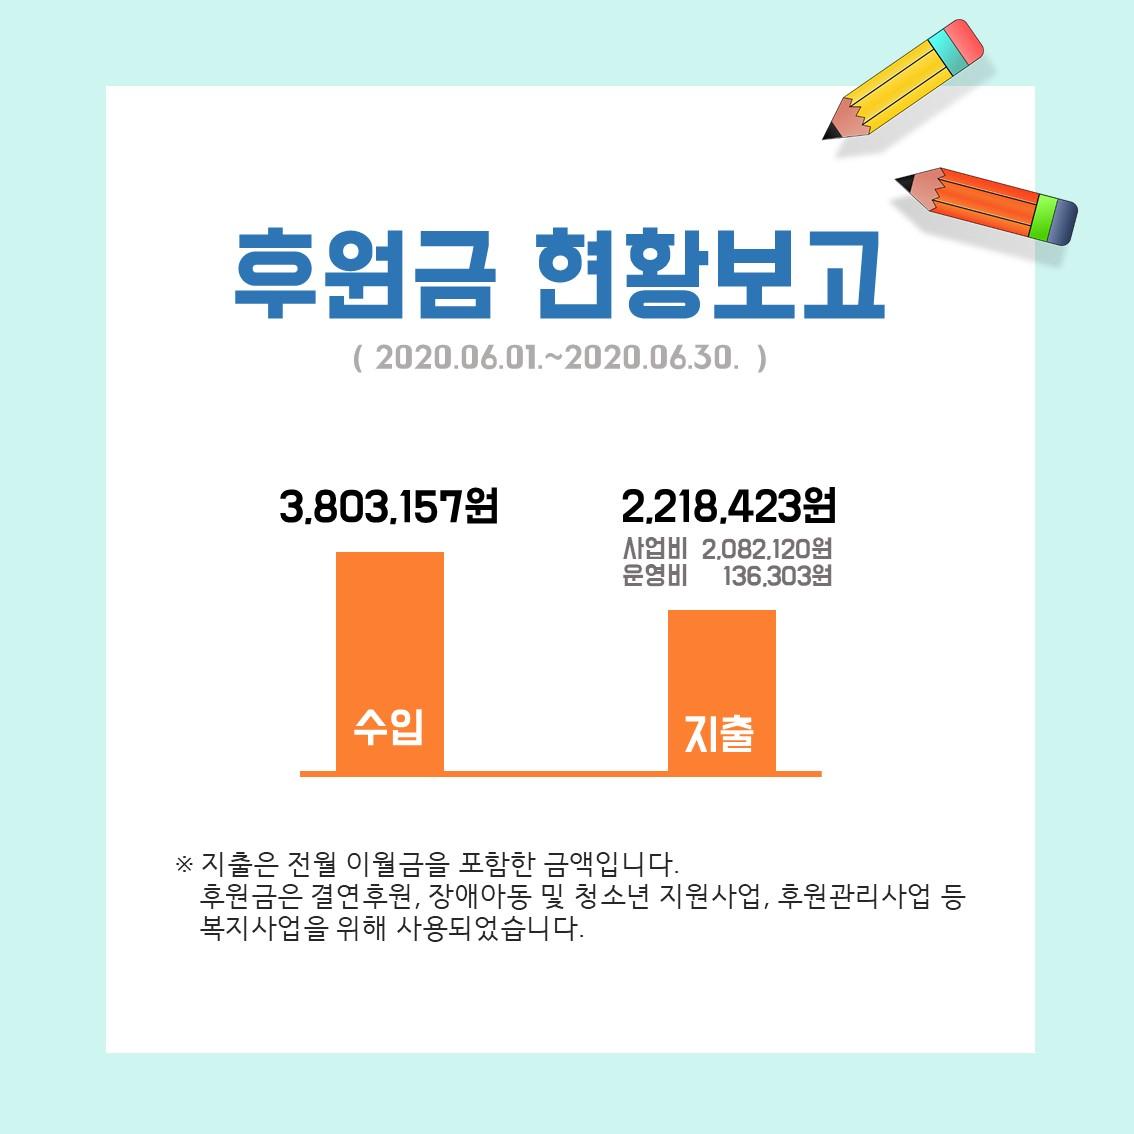 복지관 6월 후원금 수입 3,803,157원, 지출 2,218,423원